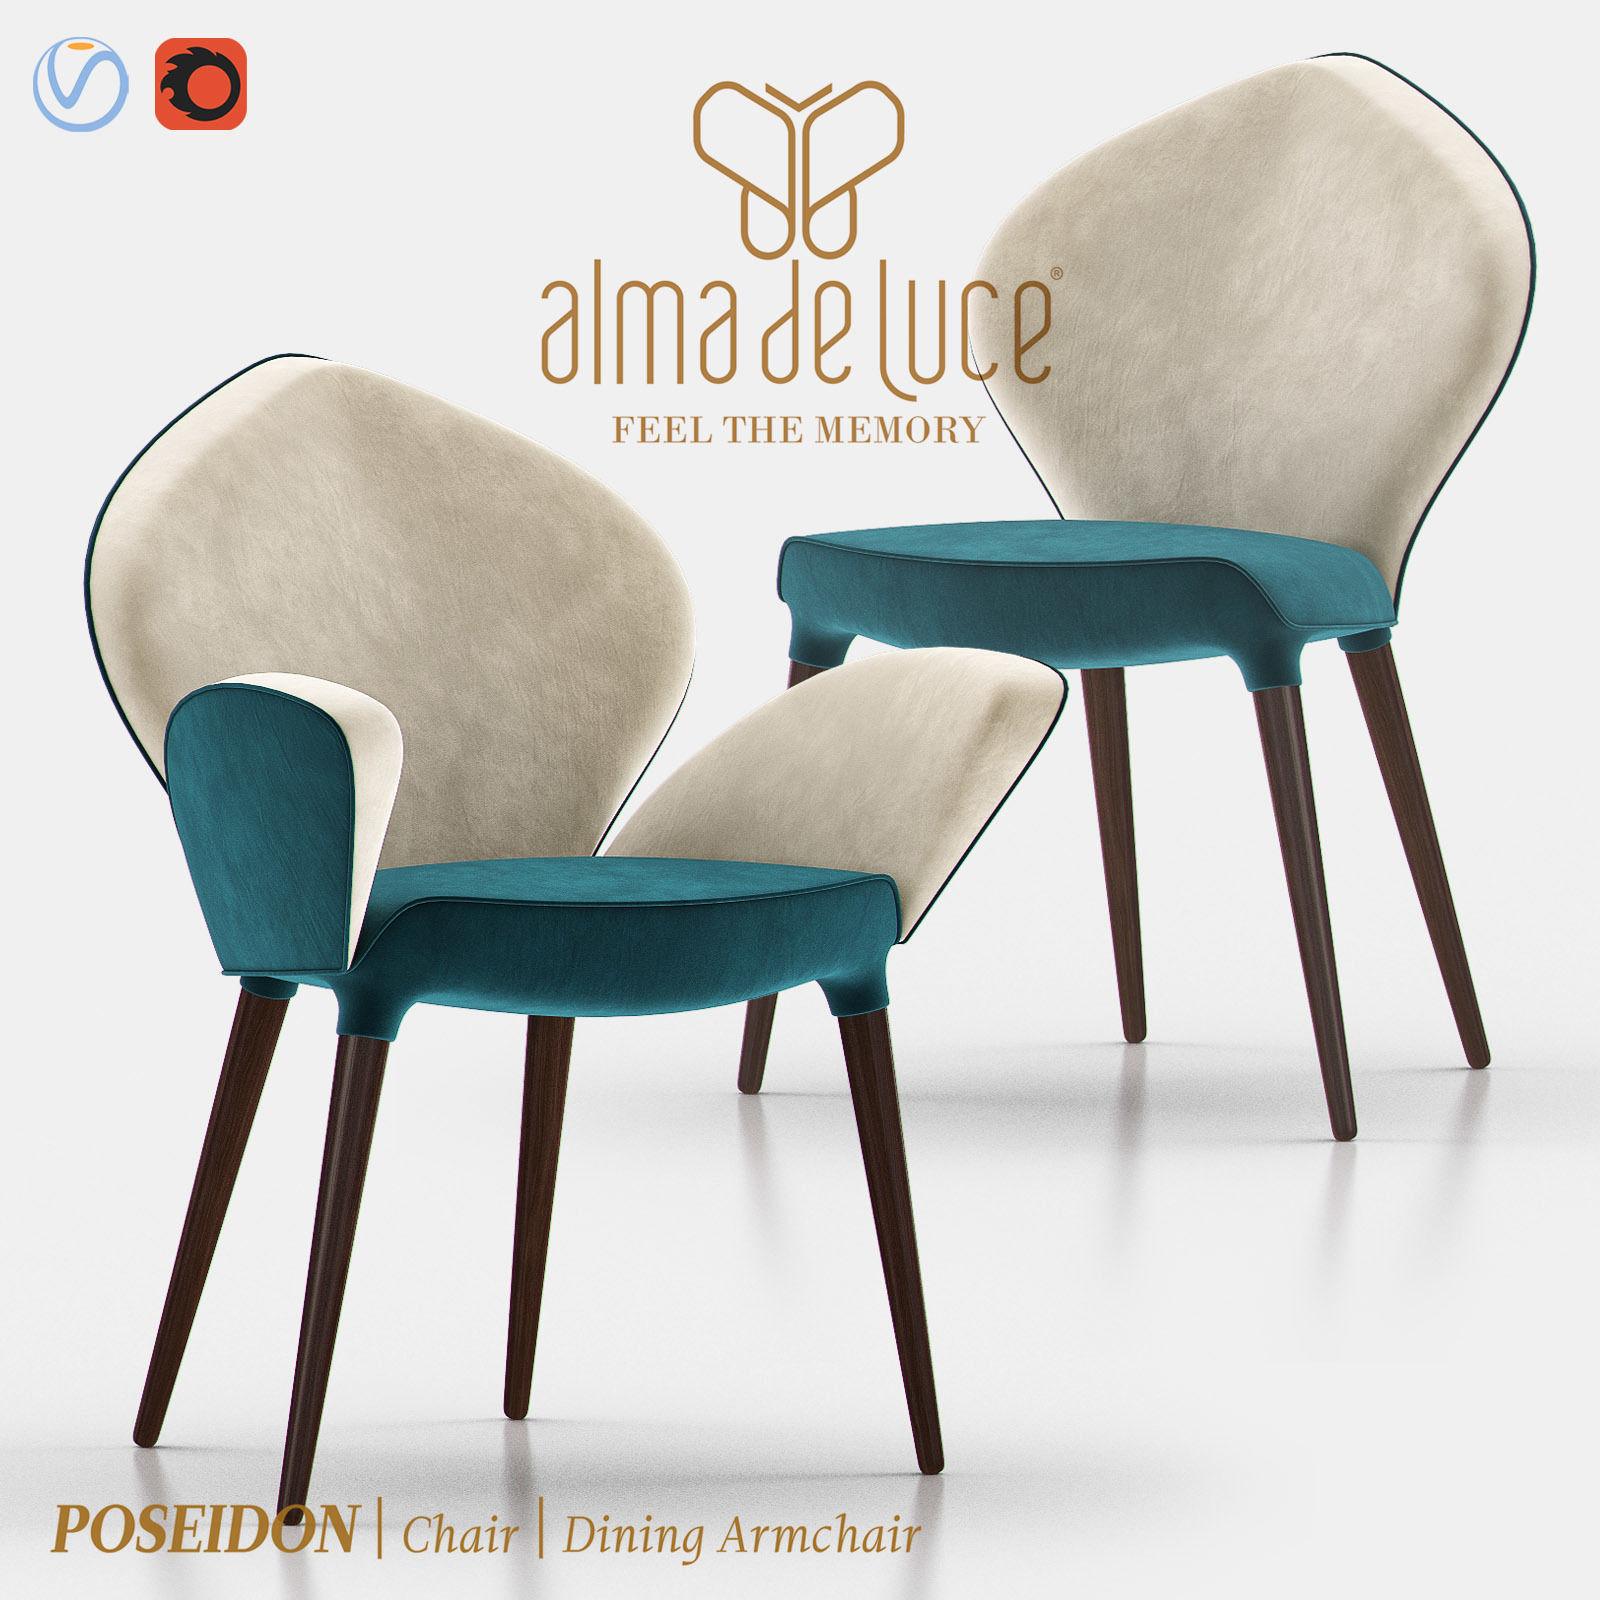 Poseidon Chair and Dining Armchair